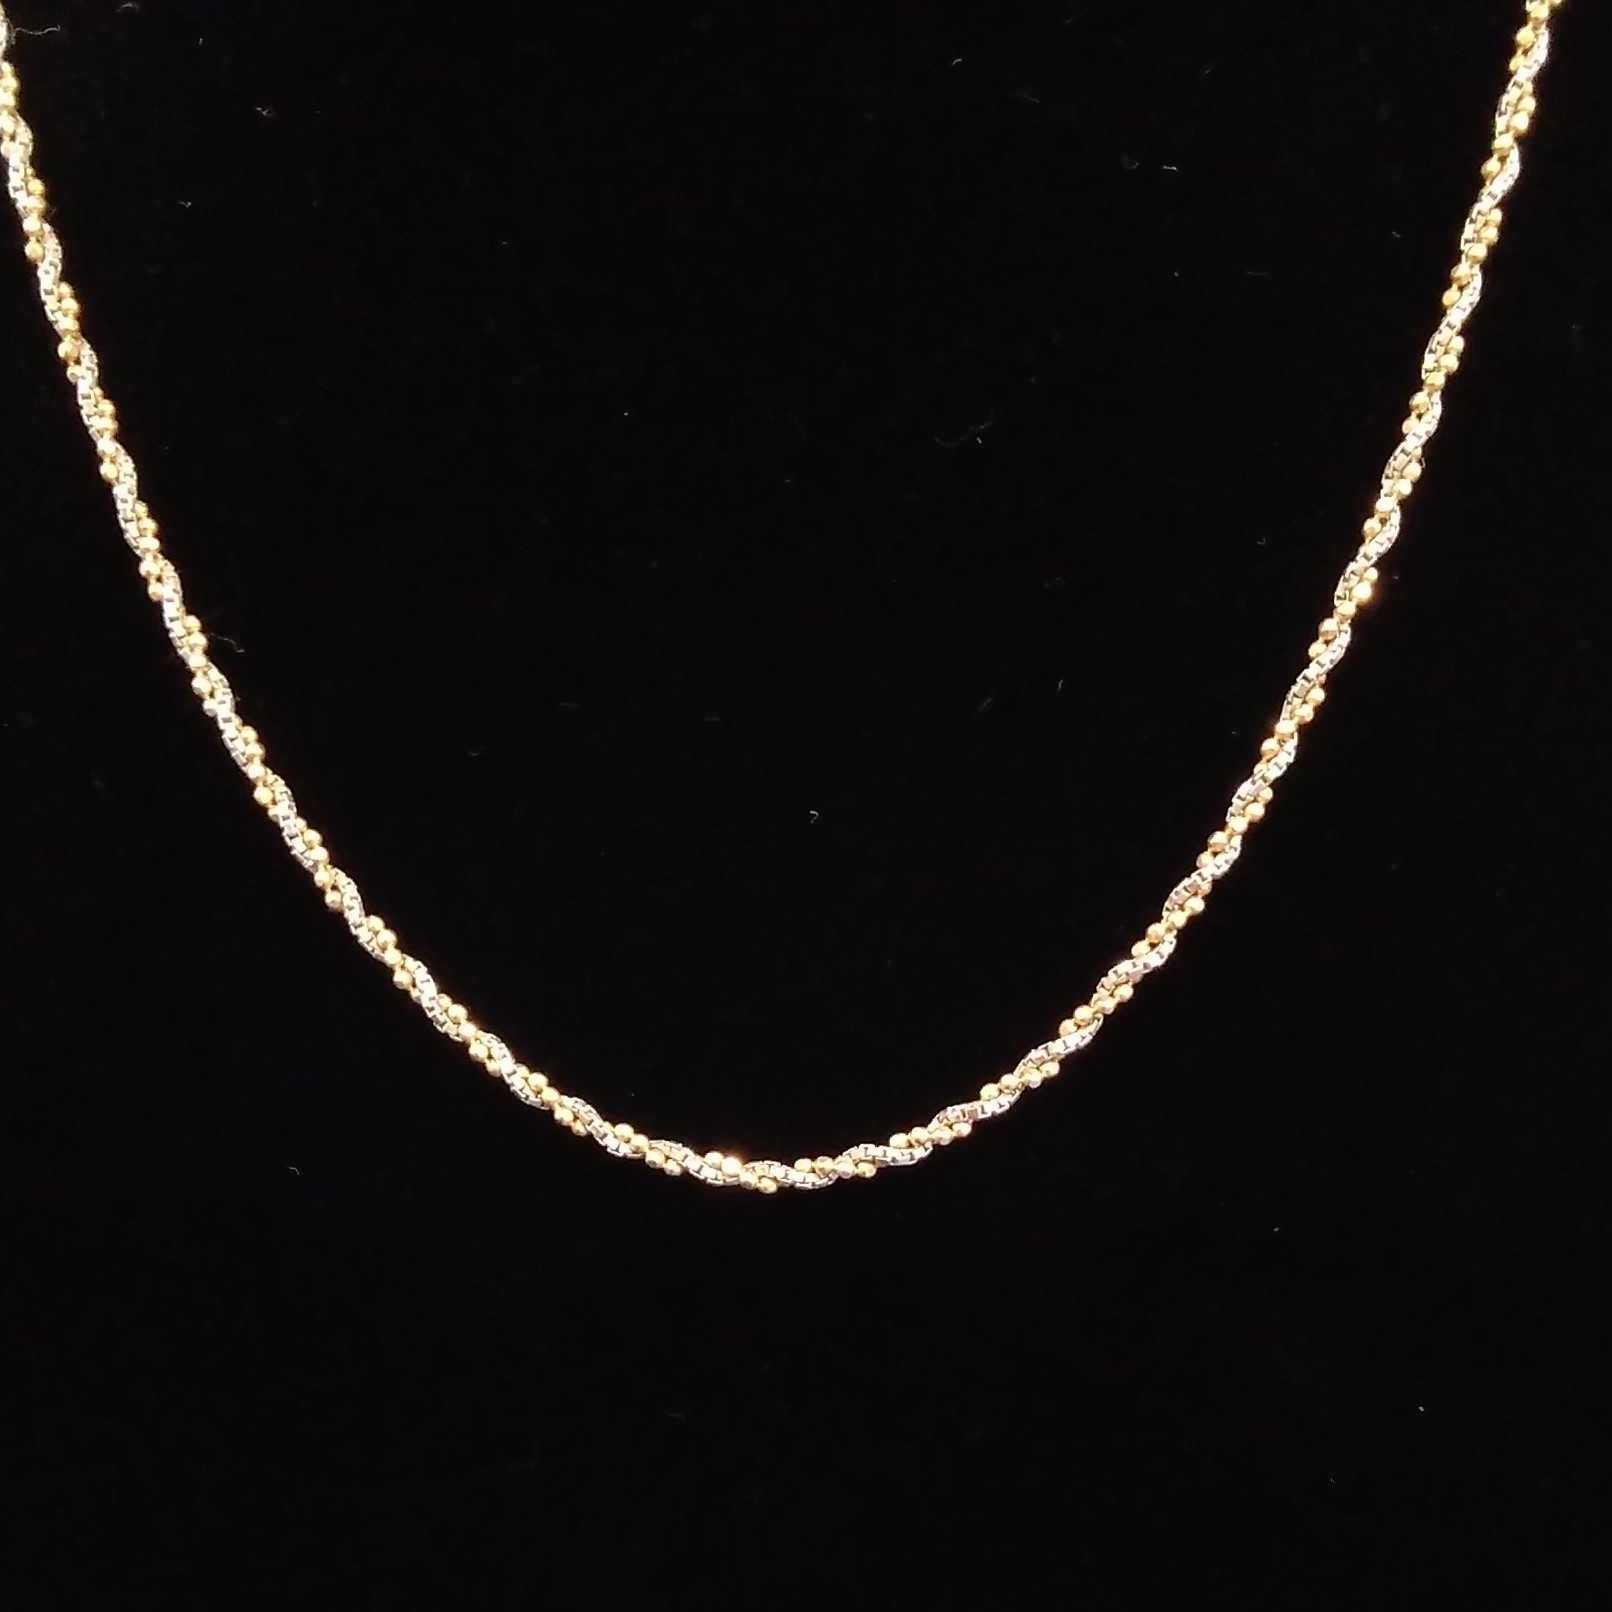 K18PT850ネックレス 宝石無しネックレス